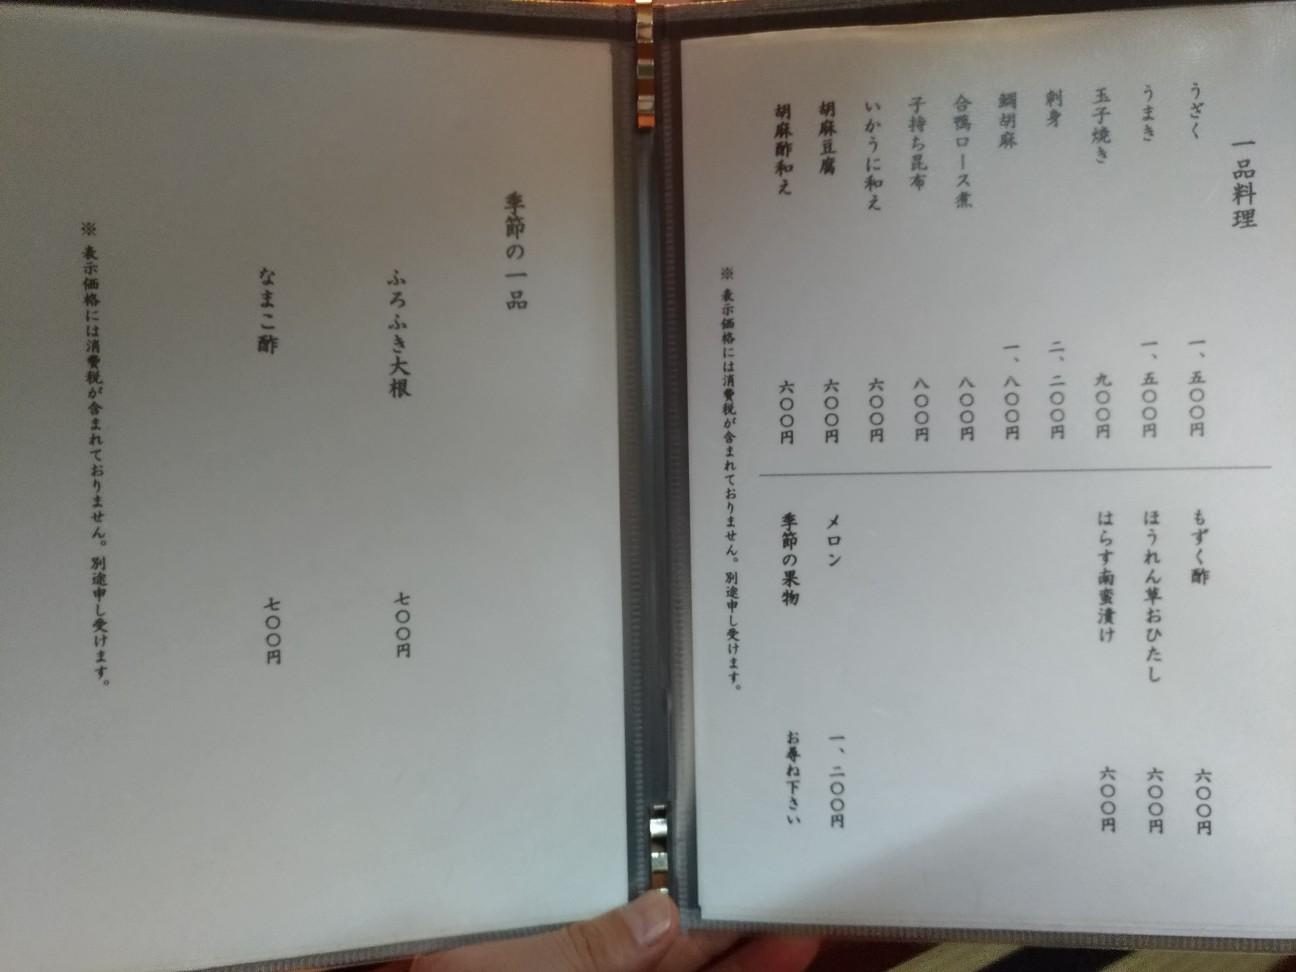 f:id:HKT1989:20200105233945j:plain